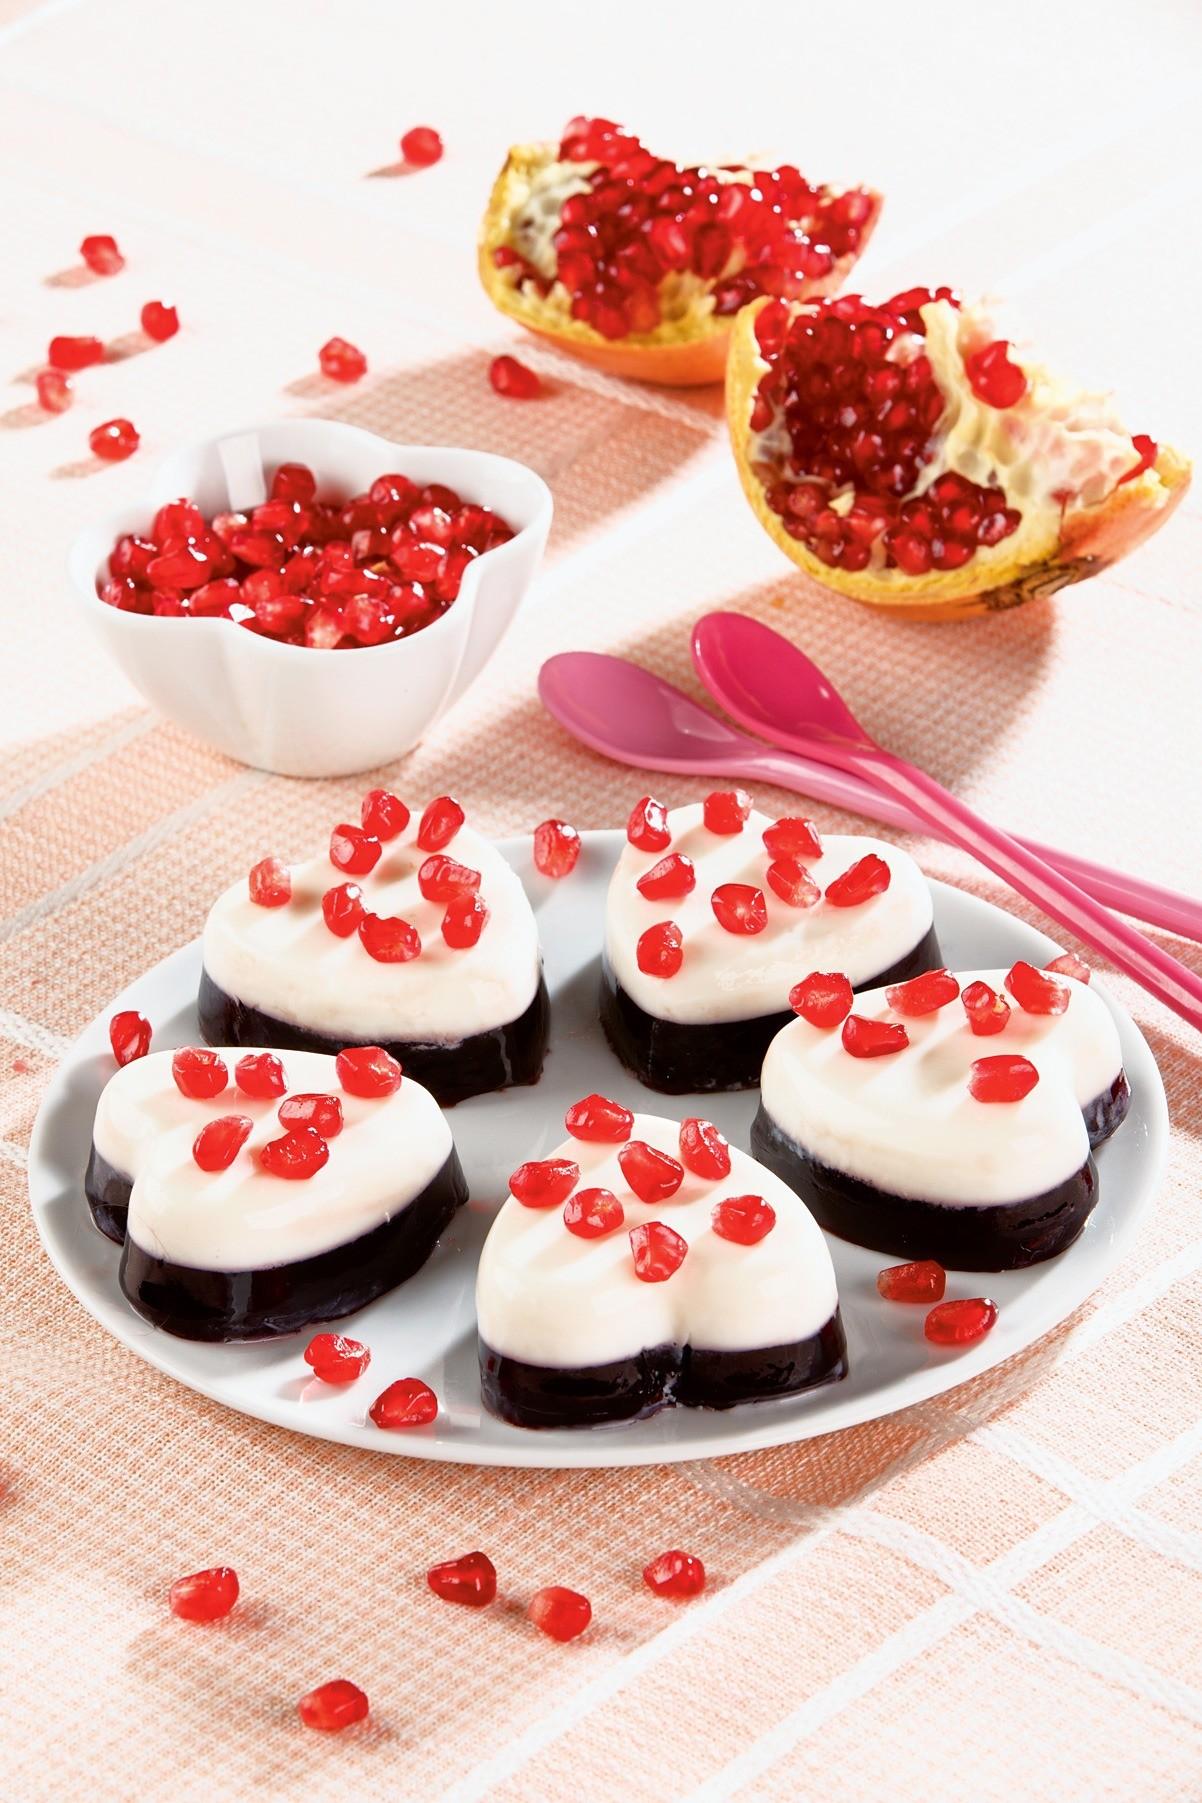 Романтичный десерт: рецепт сердечек с гранатом